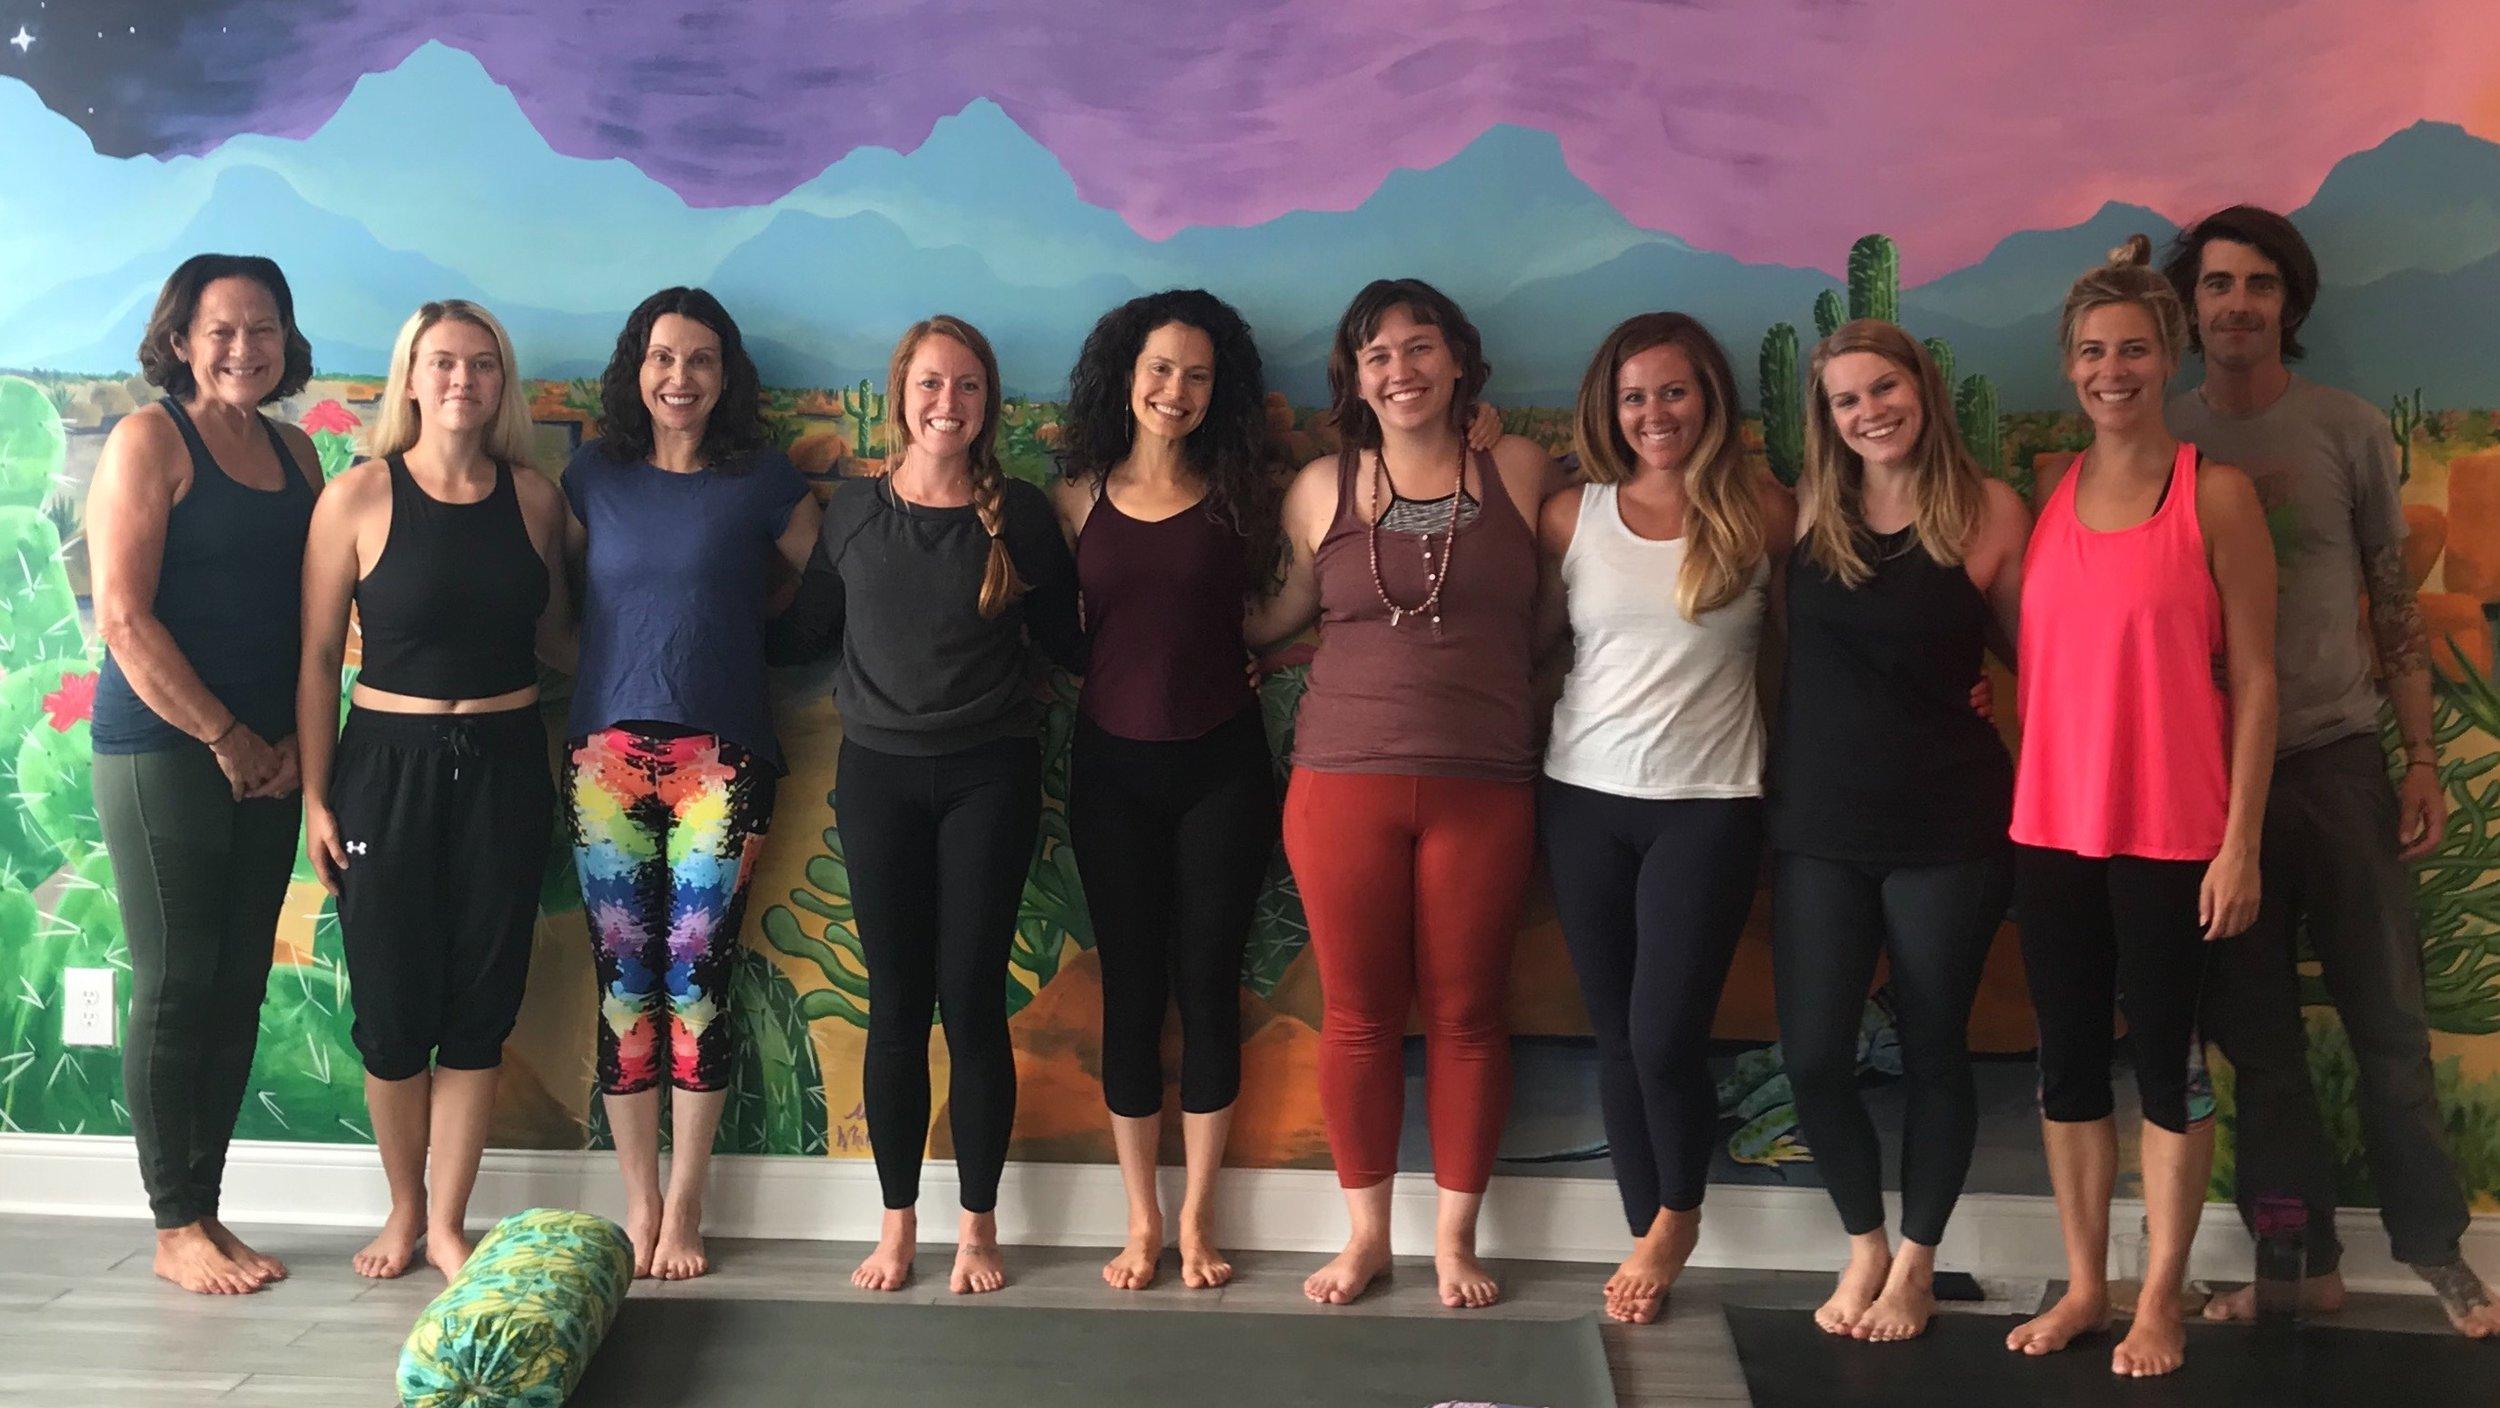 Yoga Baum kundalini & chakras workshop 7.20.18.JPG